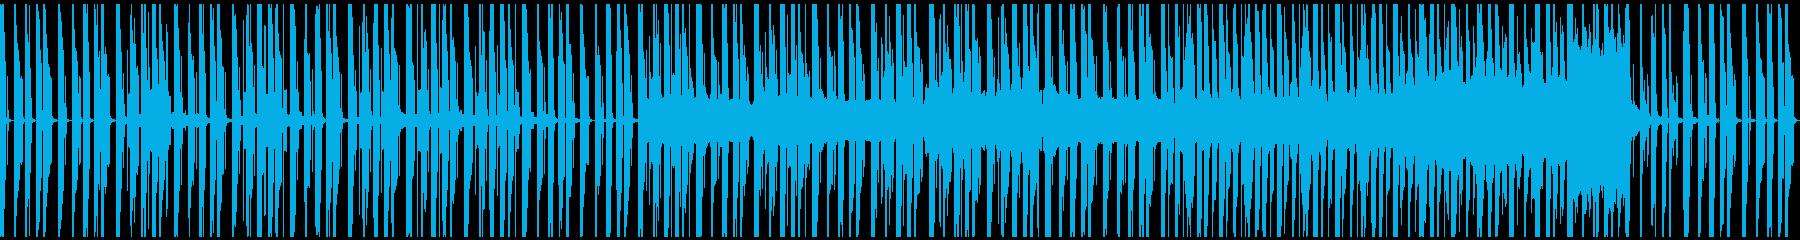 ループ、コミカル、ゆったり、シンセの再生済みの波形